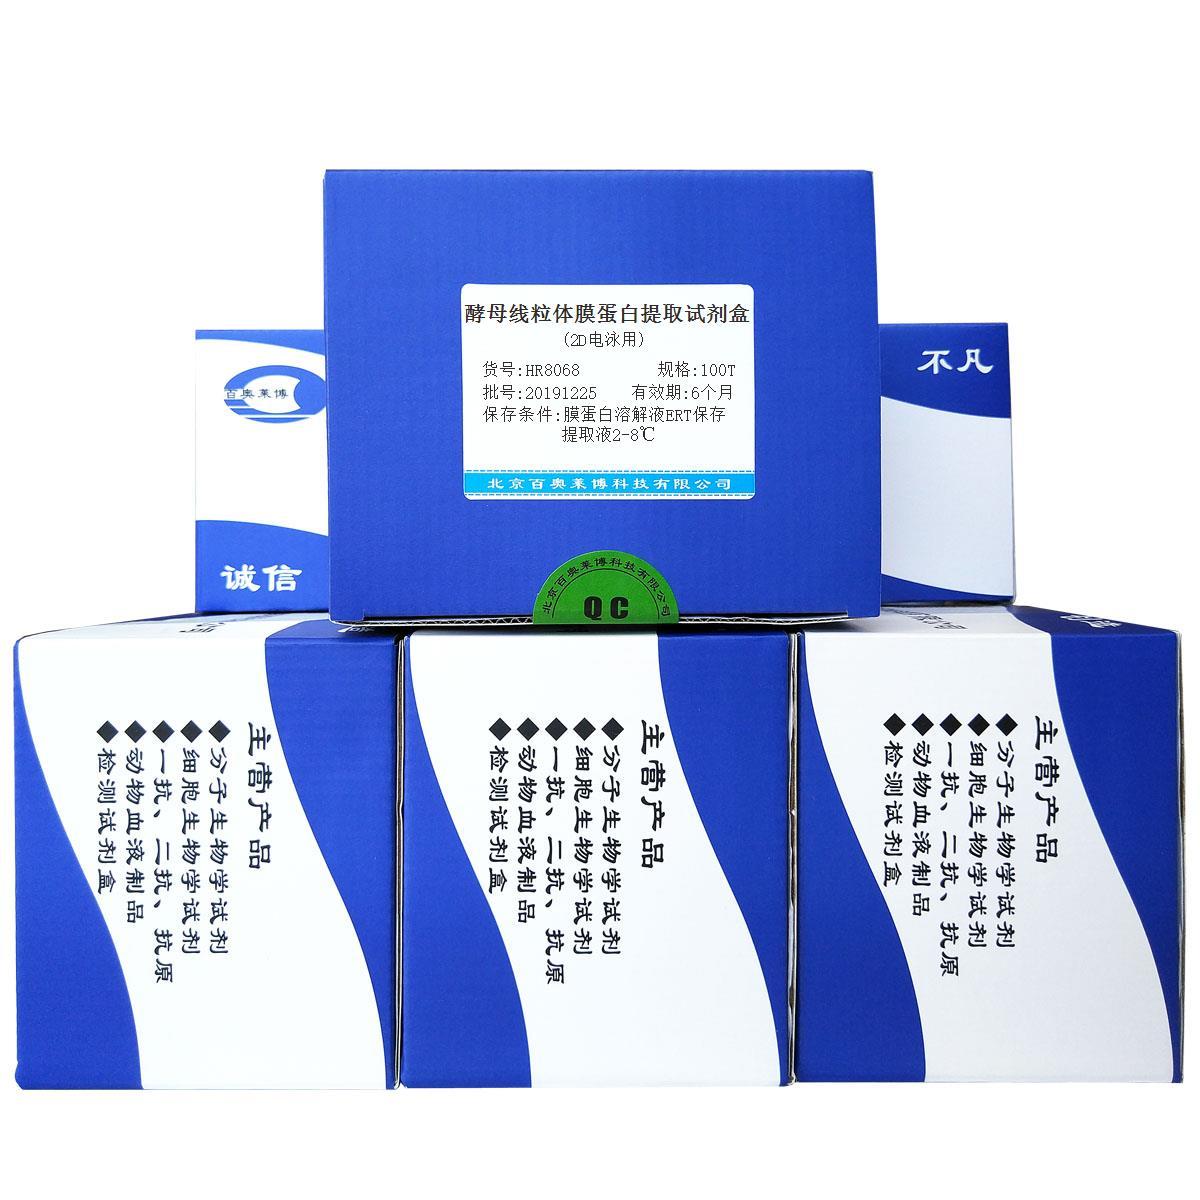 酵母线粒体膜蛋白提取试剂盒(2D电泳用)